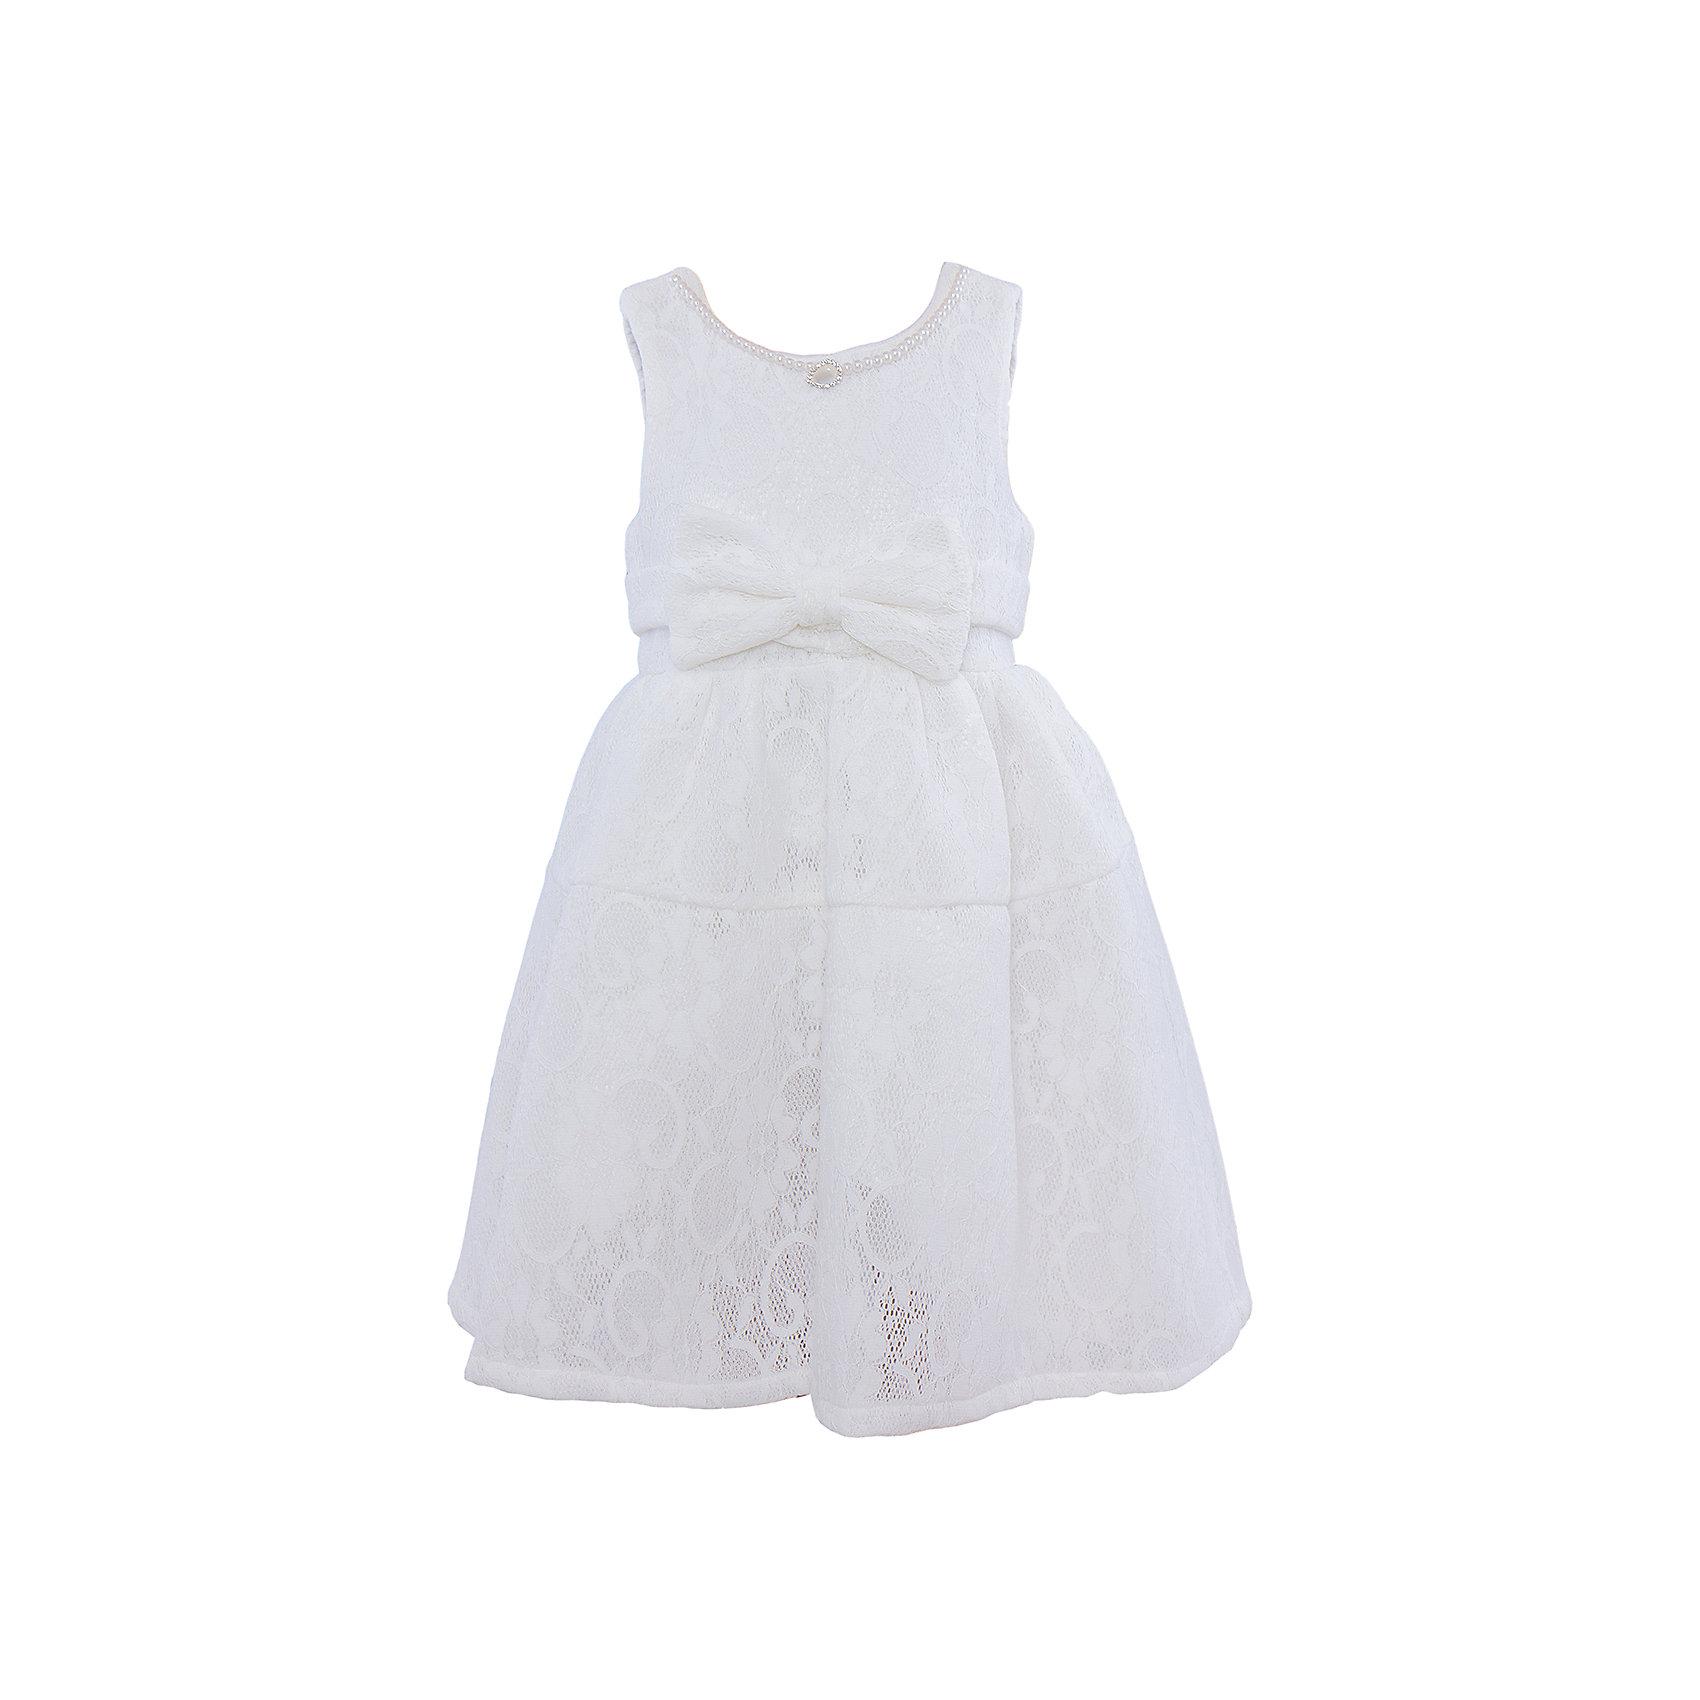 Нарядное платье для девочки Sweet BerryОдежда<br>Характеристики:<br><br>• Вид одежды: платье<br>• Предназначение: для праздника, торжеств<br>• Сезон: круглый год<br>• Материал: верх – 100% полиэстер; подкладка – 100% хлопок<br>• Цвет: белый<br>• Силуэт: классический А-силуэт<br>• Длина платья: миди<br>• Вырез горловины: круглый<br>• Горловина декорирована бусинами и кулоном<br>• Наличие объемного пояса с декоративным бантом<br>• Застежка: молния на спинке<br>• Особенности ухода: ручная стирка без применения отбеливающих средств, глажение при низкой температуре <br><br>Sweet Berry – это производитель, который сочетает в своей одежде функциональность, качество, стиль и следование современным мировым тенденциям в детской текстильной индустрии. <br>Платье для девочки от знаменитого производителя детской одежды Sweet Berry выполнено из полиэстера с хлопковым подкладкой. Изделие имеет классический силуэт с отрезной талией и отрезной кокеткой у пышной юбки. Пышность юбке придает атласный подклад и подъюбник из сетки. Изделие выполнено из кружевной ткани белого цвета, декорировано объемным поясом с декоративным бантом. Горловина оформлена бусинами в форме жемчужин и кулоном в форме капли. Праздничное платье от Sweet Berry – это залог успеха вашего ребенка на любом торжестве!<br><br>Платье для девочки Sweet Berry можно купить в нашем интернет-магазине.<br><br>Ширина мм: 236<br>Глубина мм: 16<br>Высота мм: 184<br>Вес г: 177<br>Цвет: белый<br>Возраст от месяцев: 36<br>Возраст до месяцев: 48<br>Пол: Женский<br>Возраст: Детский<br>Размер: 104,98,110,116,122,128<br>SKU: 5052084